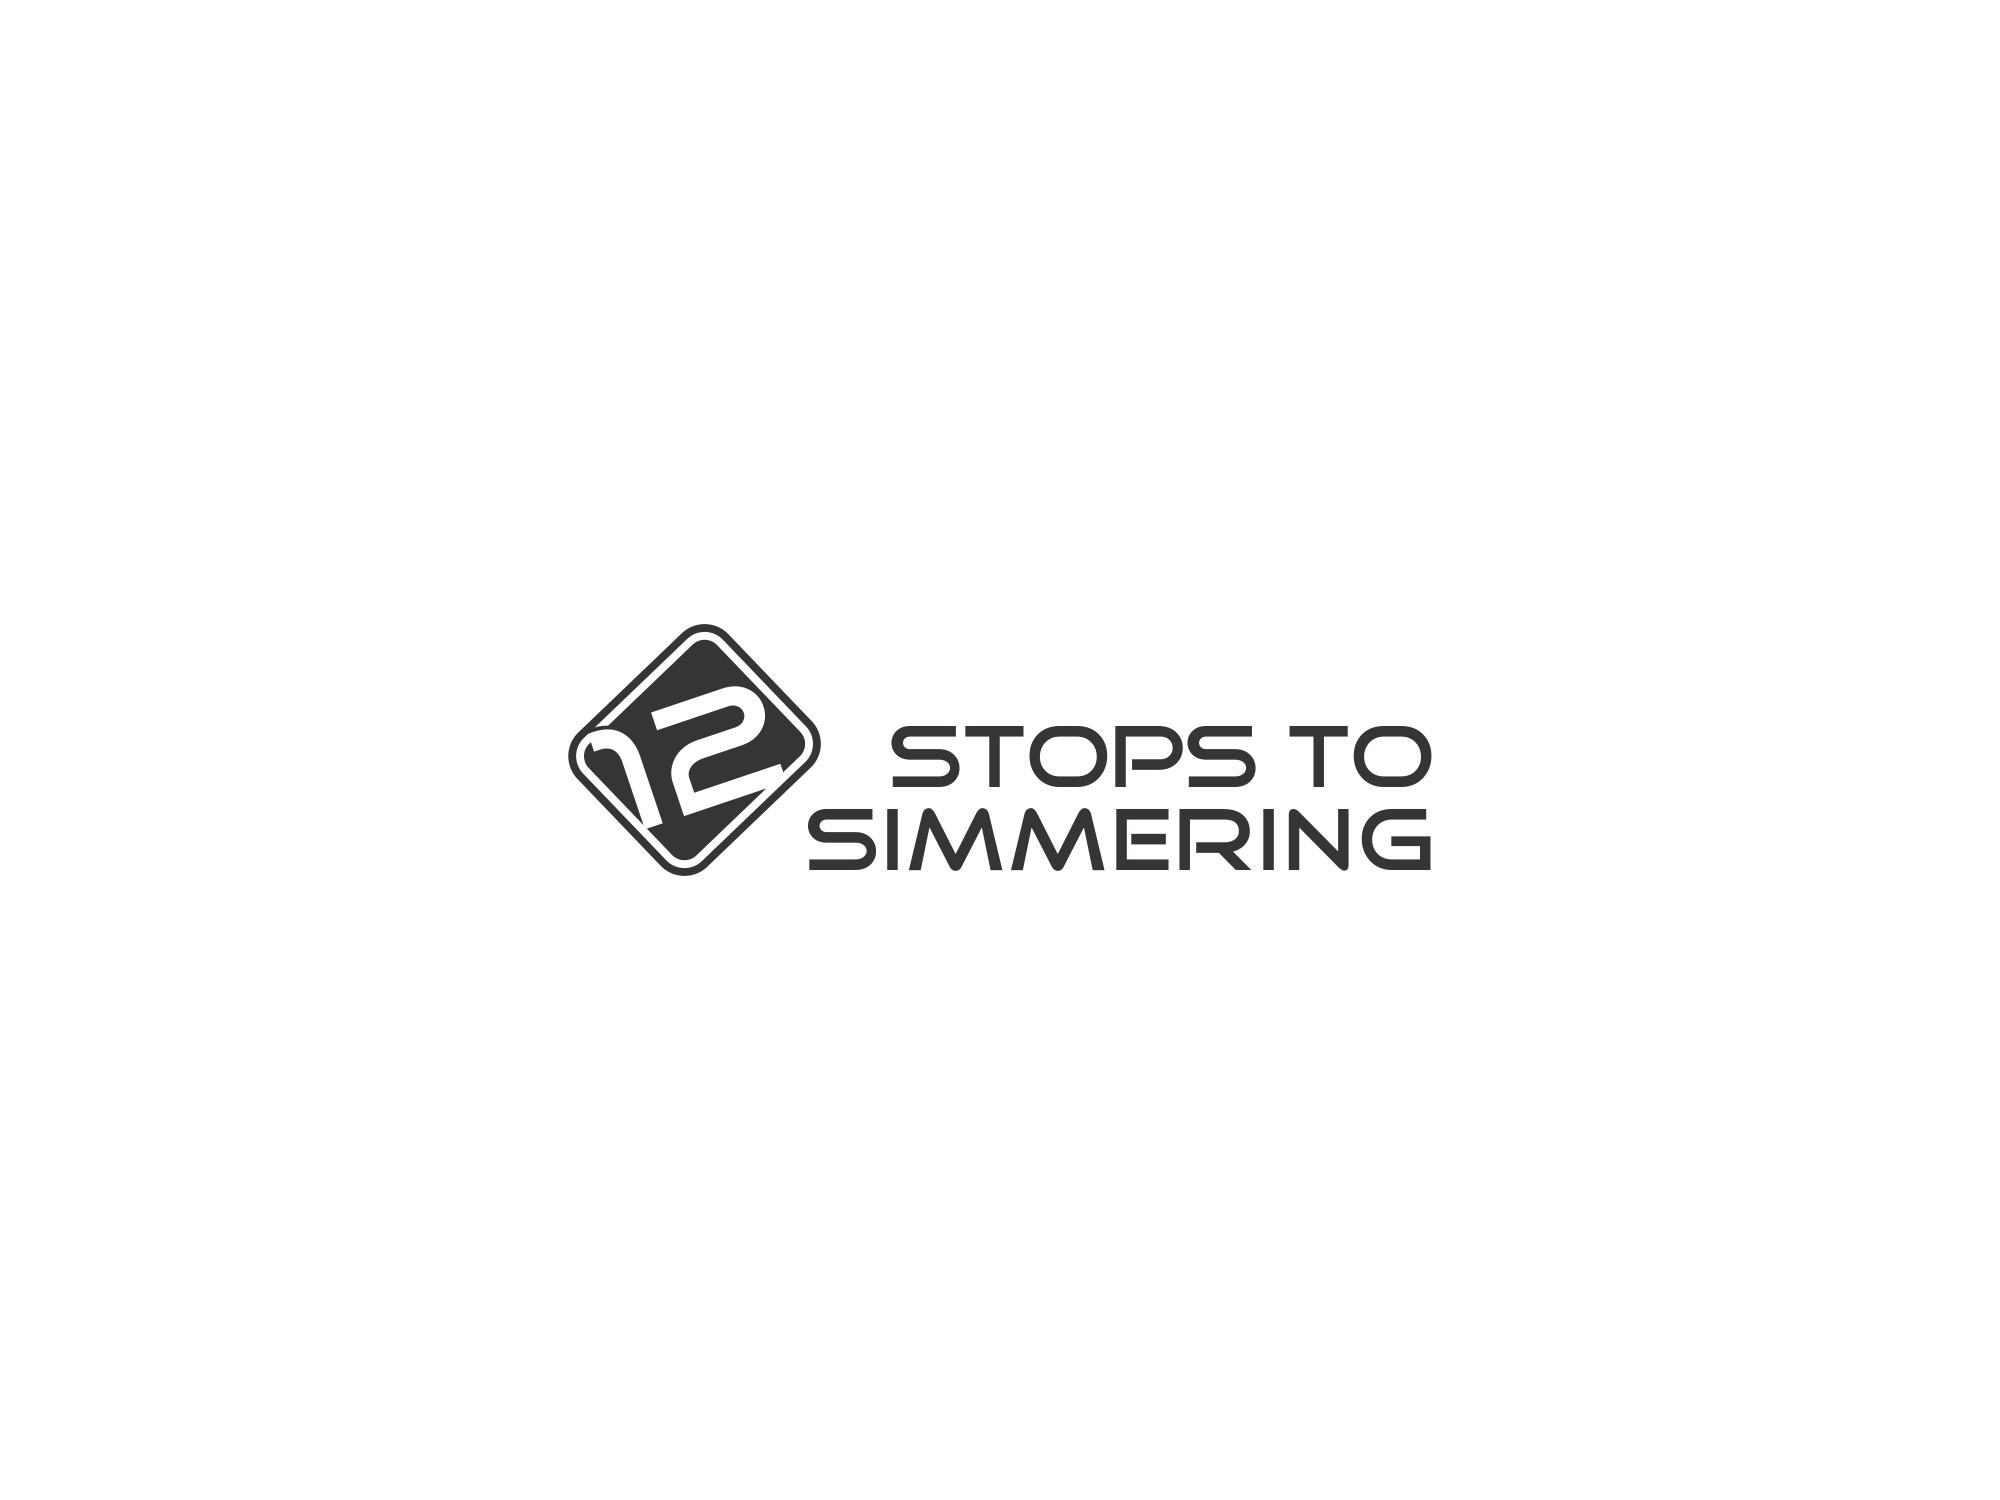 Logo-Design für 12 Stops to Simmering